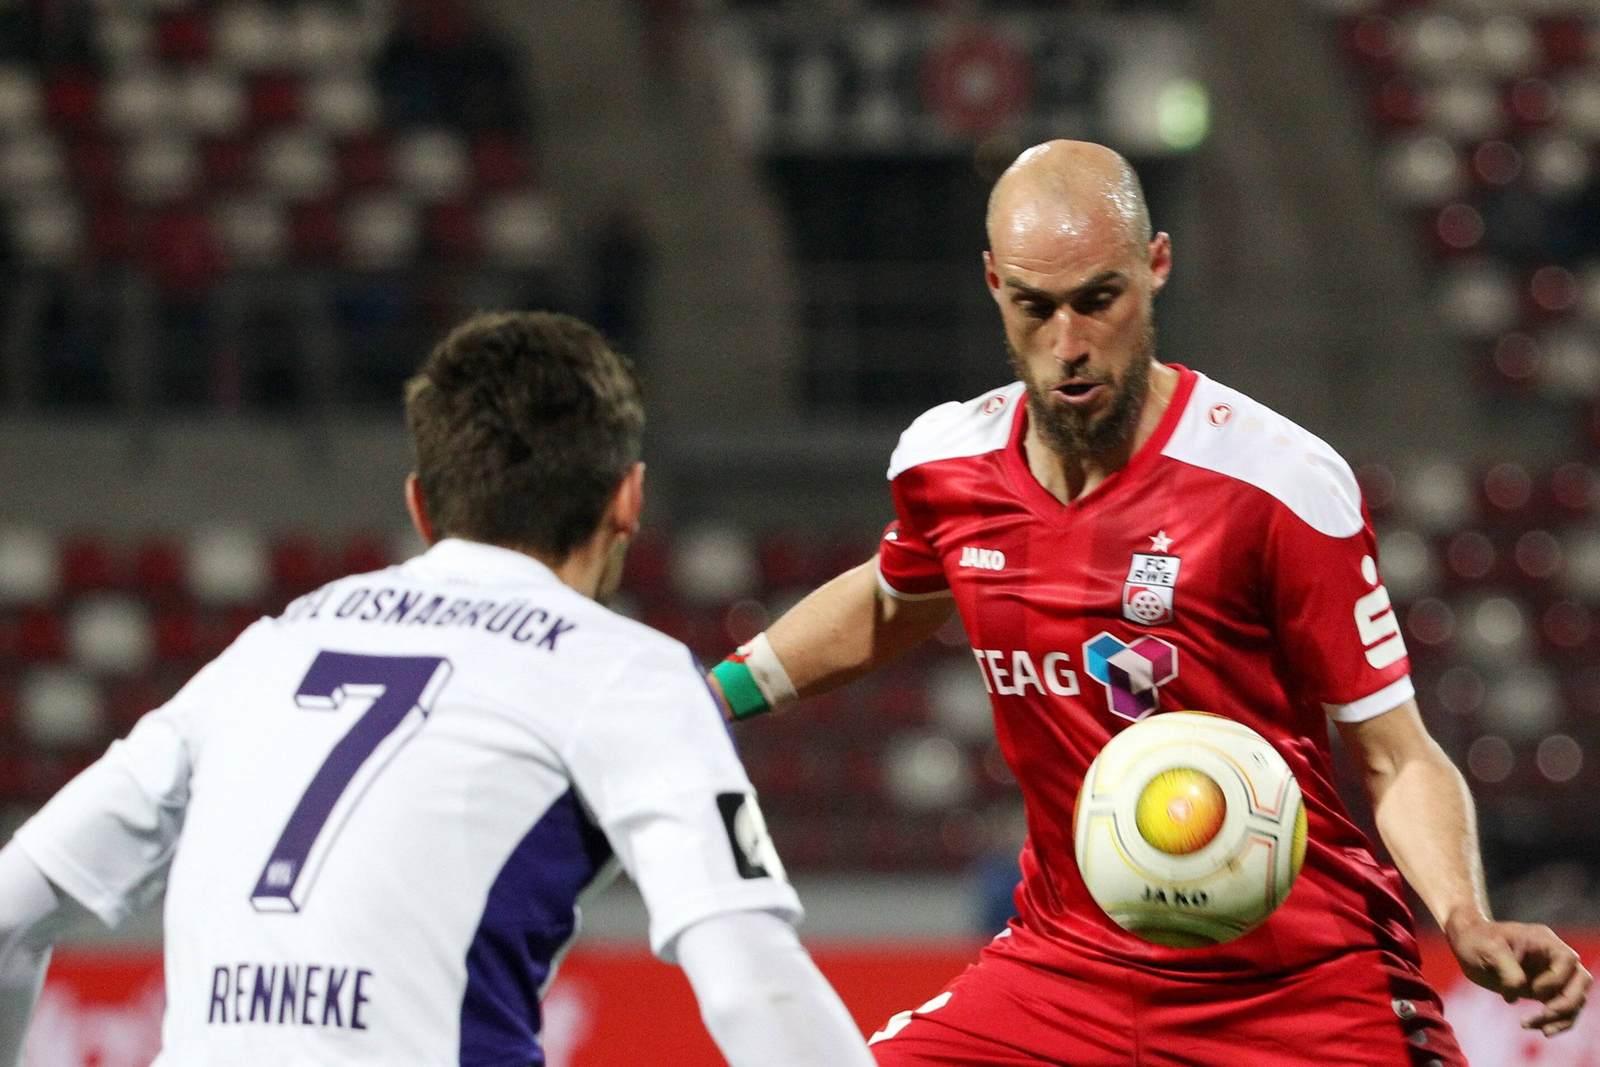 Daniel Brückner von Rot Weiß Erfurt im Duell mit Bashkim Renneke vom VfL Osnabrück